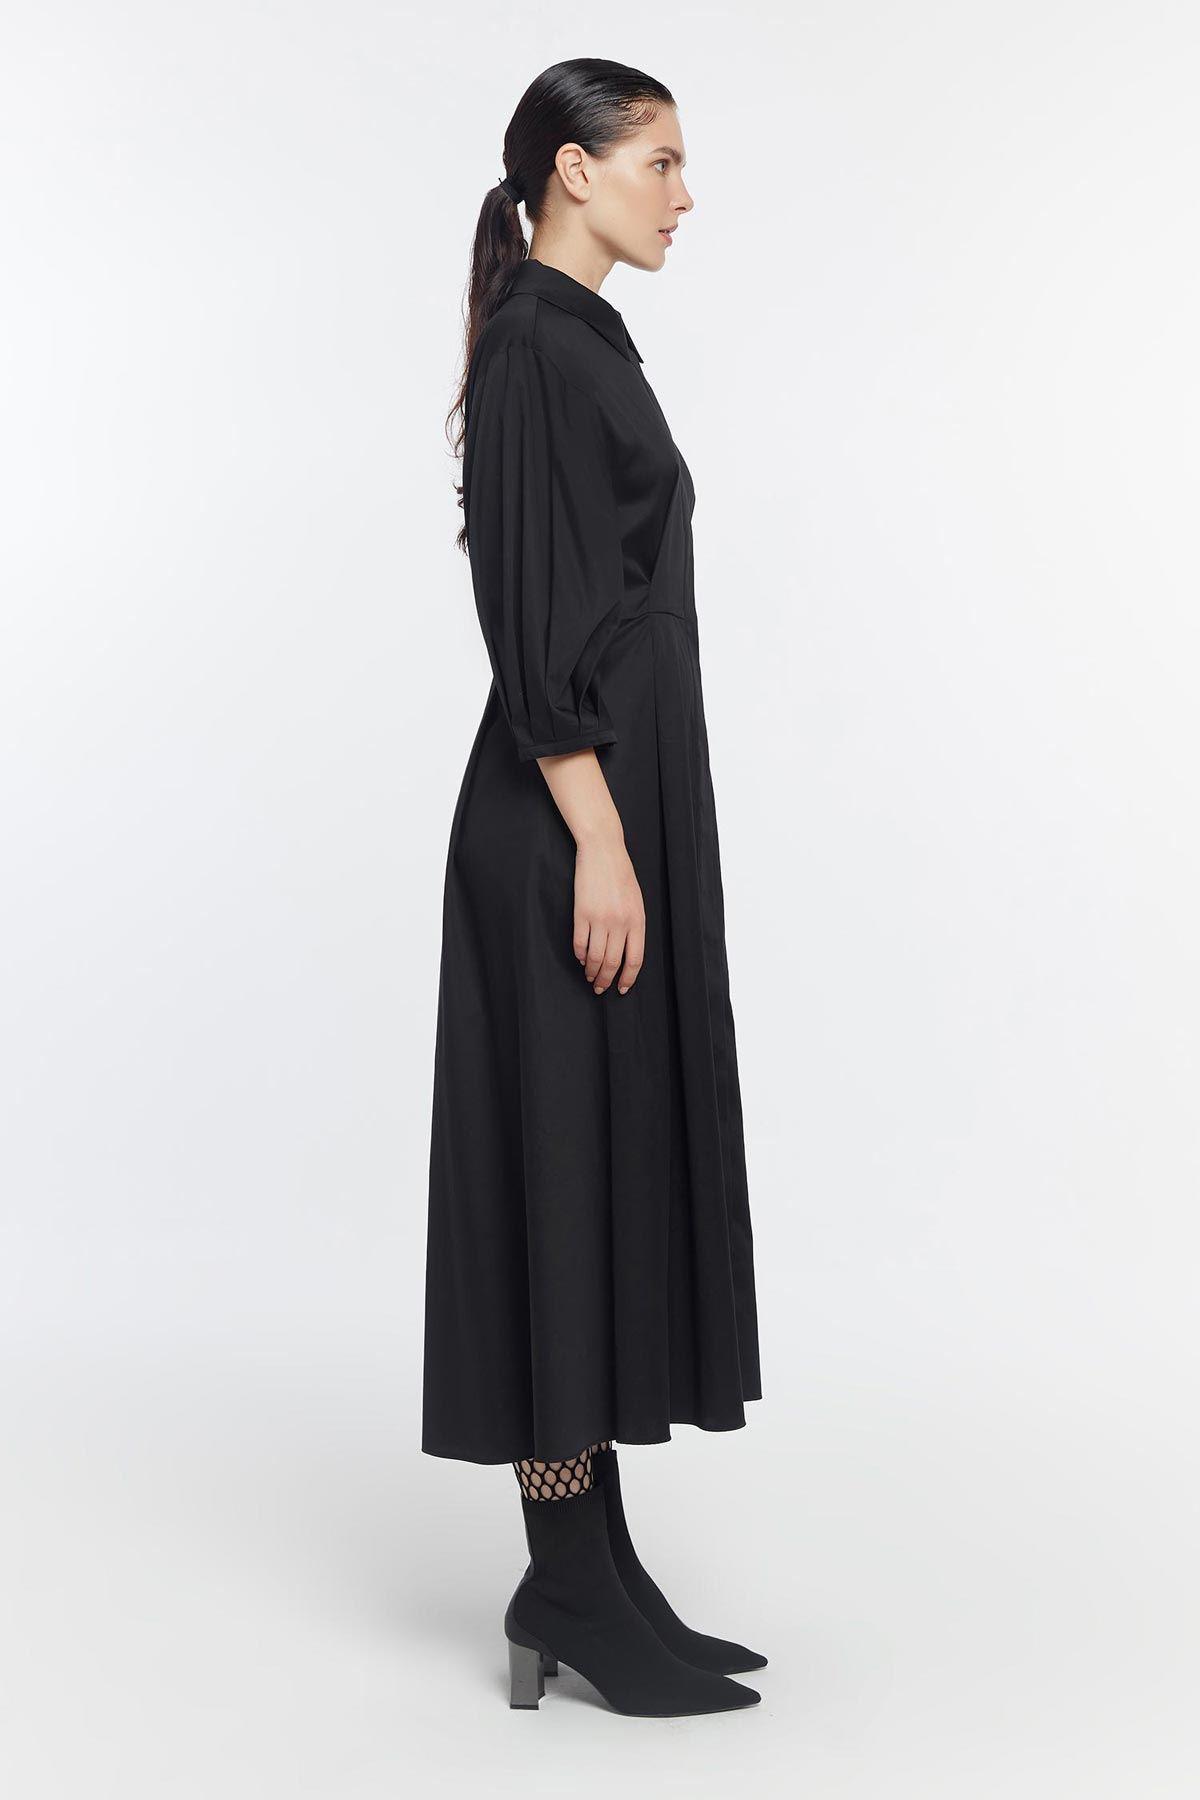 Balon kol nakış işlemeli elbise Siyah